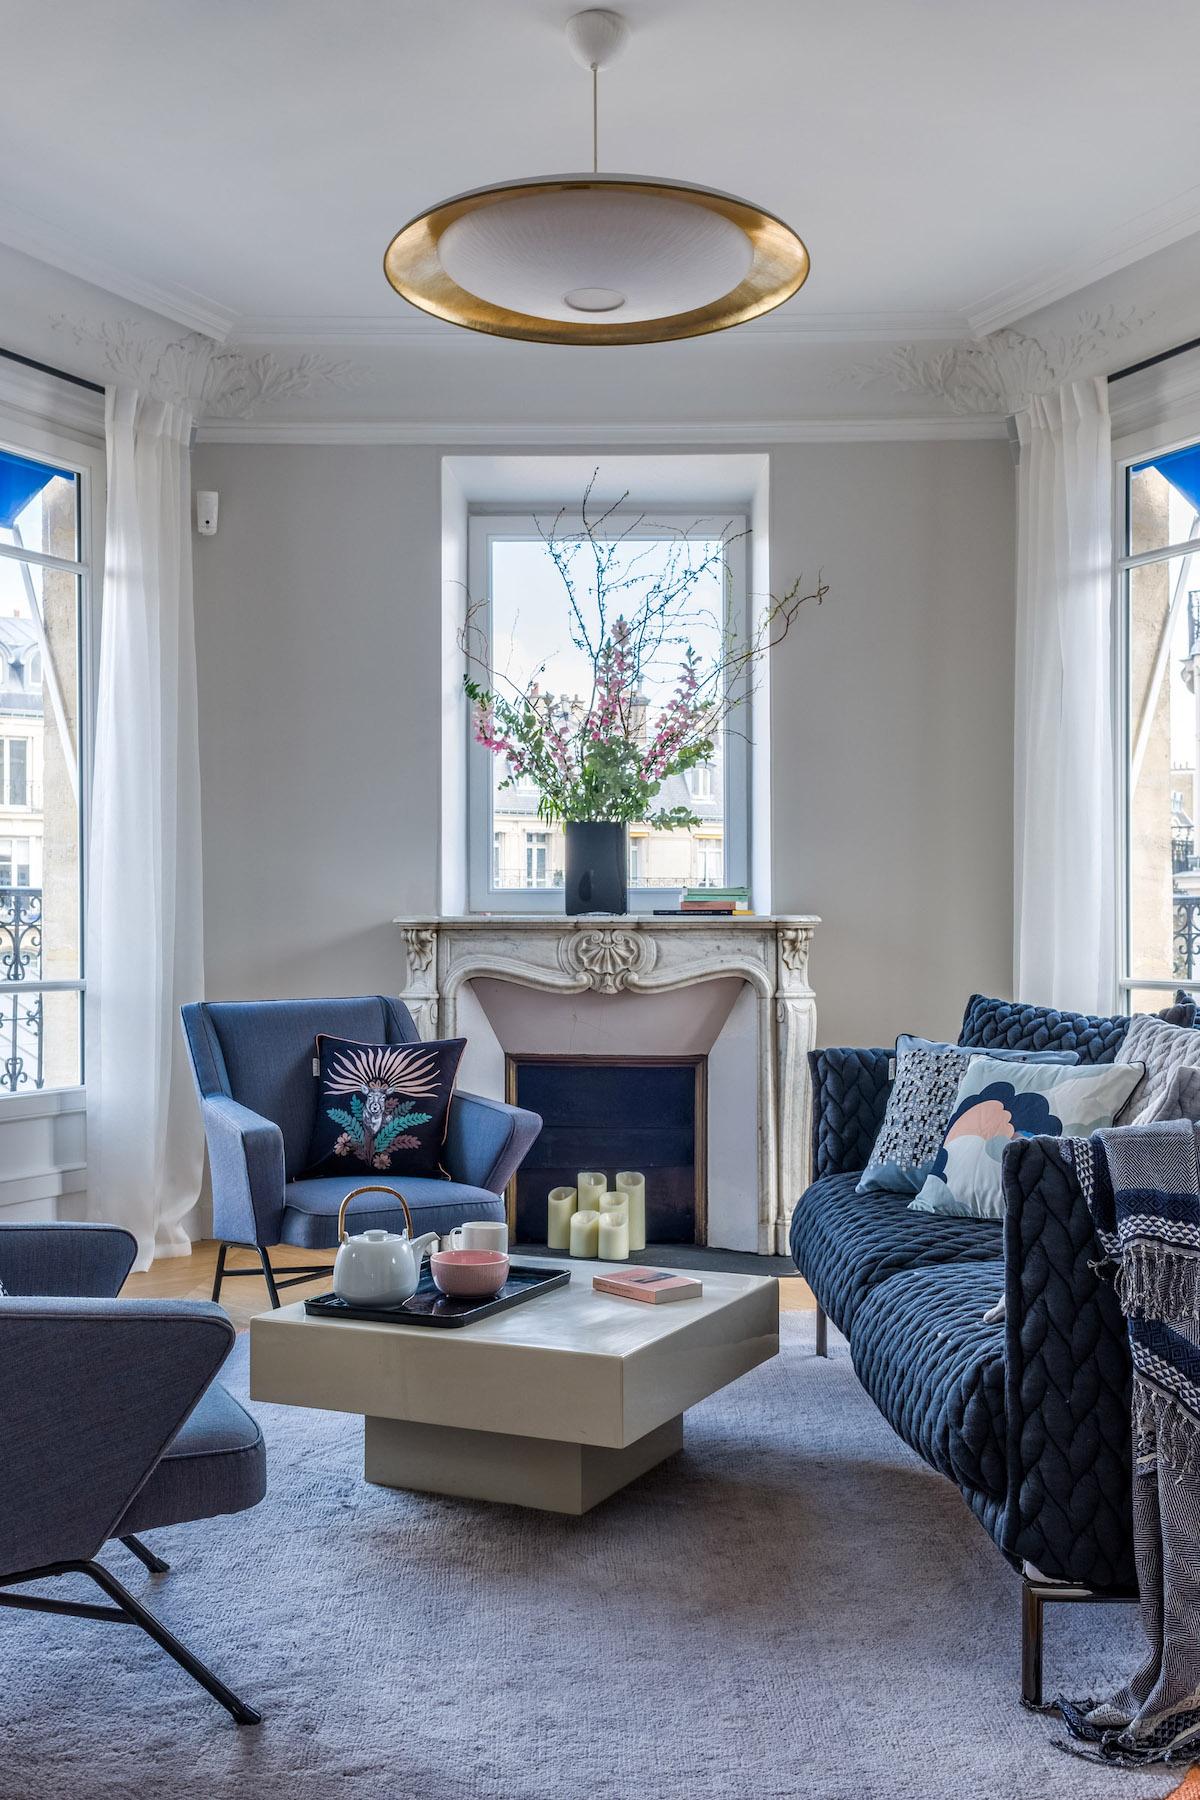 décoration bleue salon feutré bohème chic salon lumineux tendance - blog déco - clem around the corner